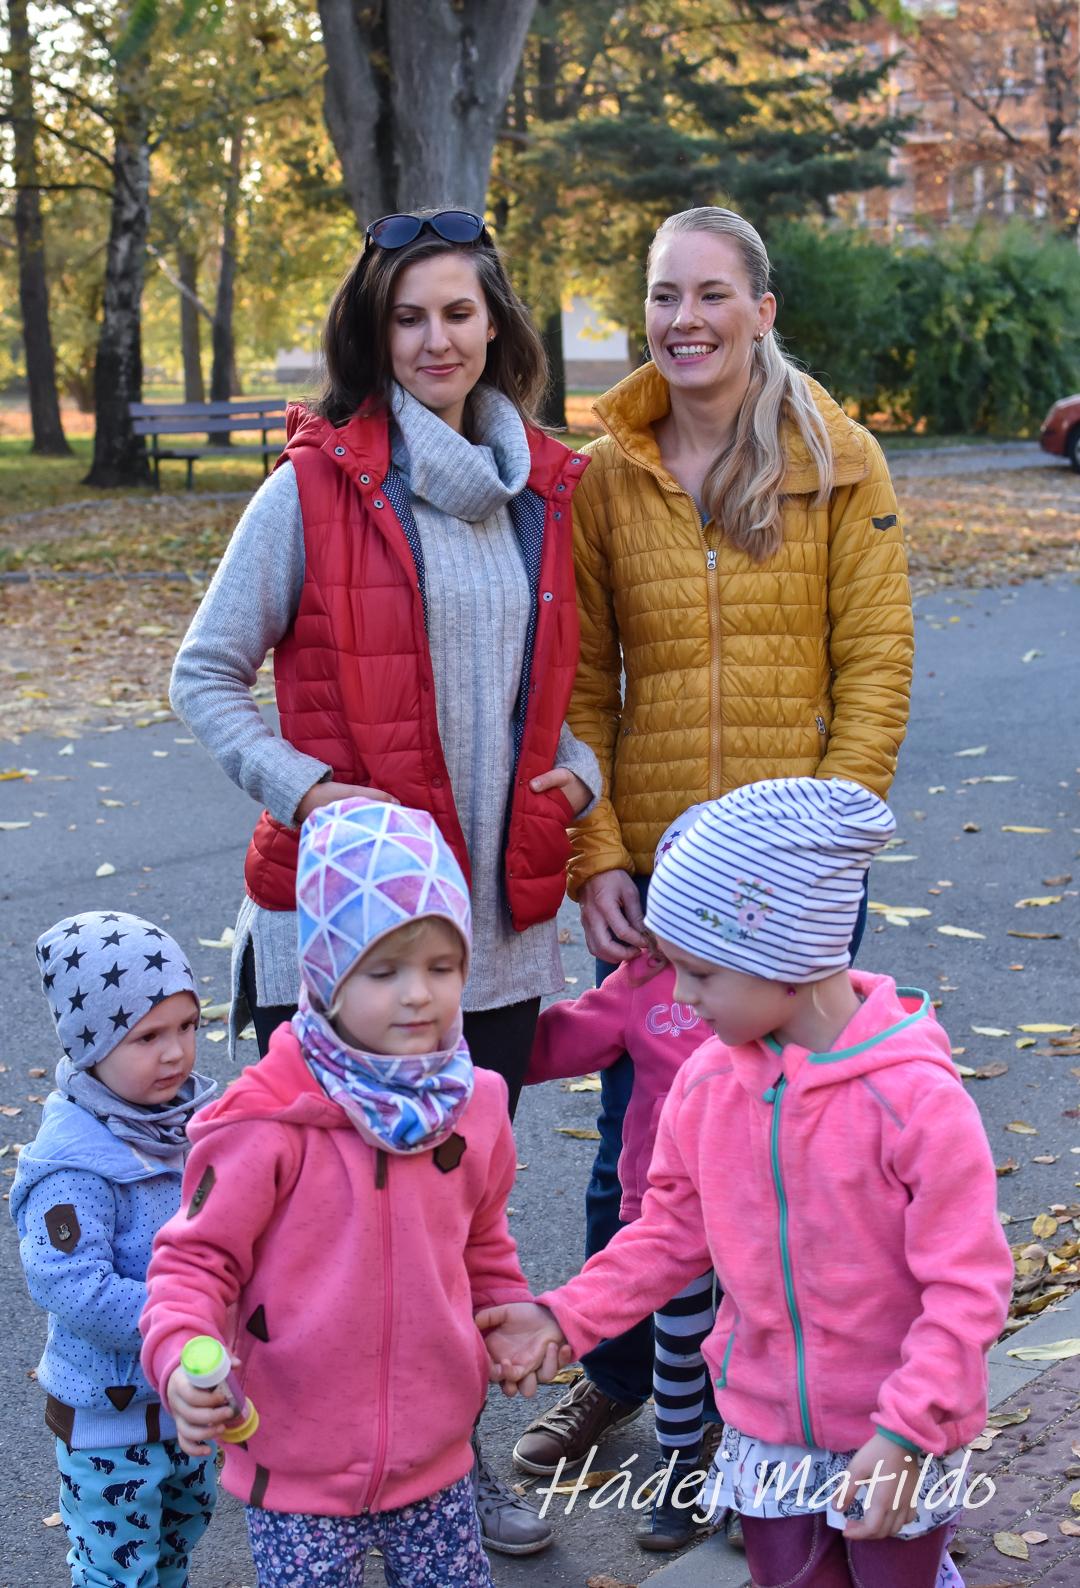 mateřská, práce na mateřské, rodičovská dovolená, rodičák, děti, práce